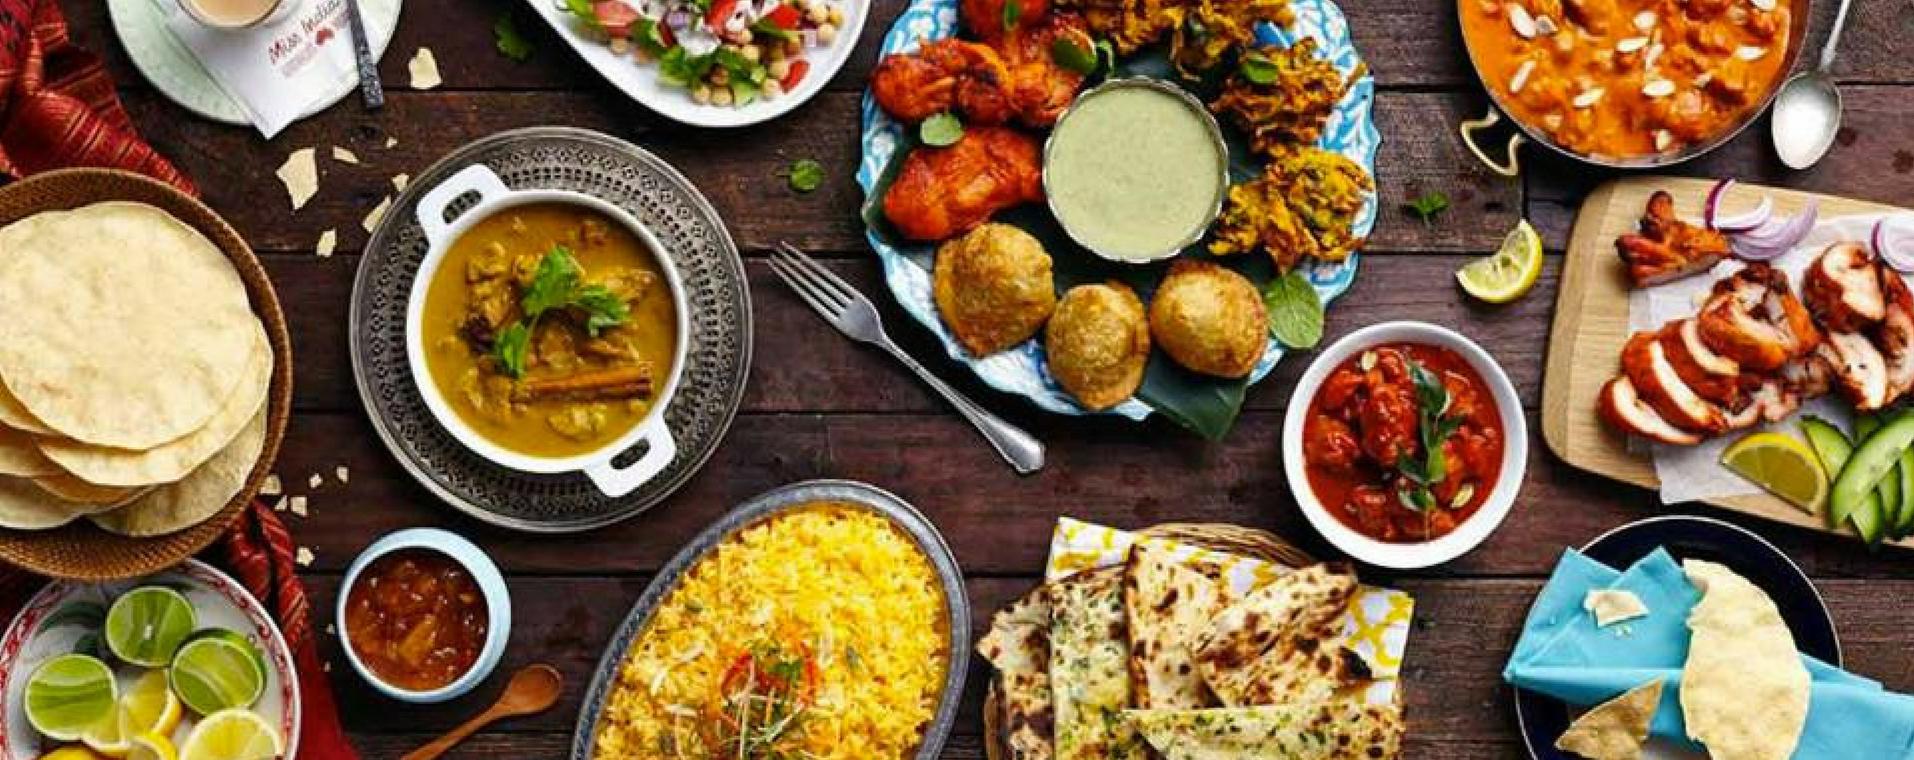 Bg desktop cuisine india